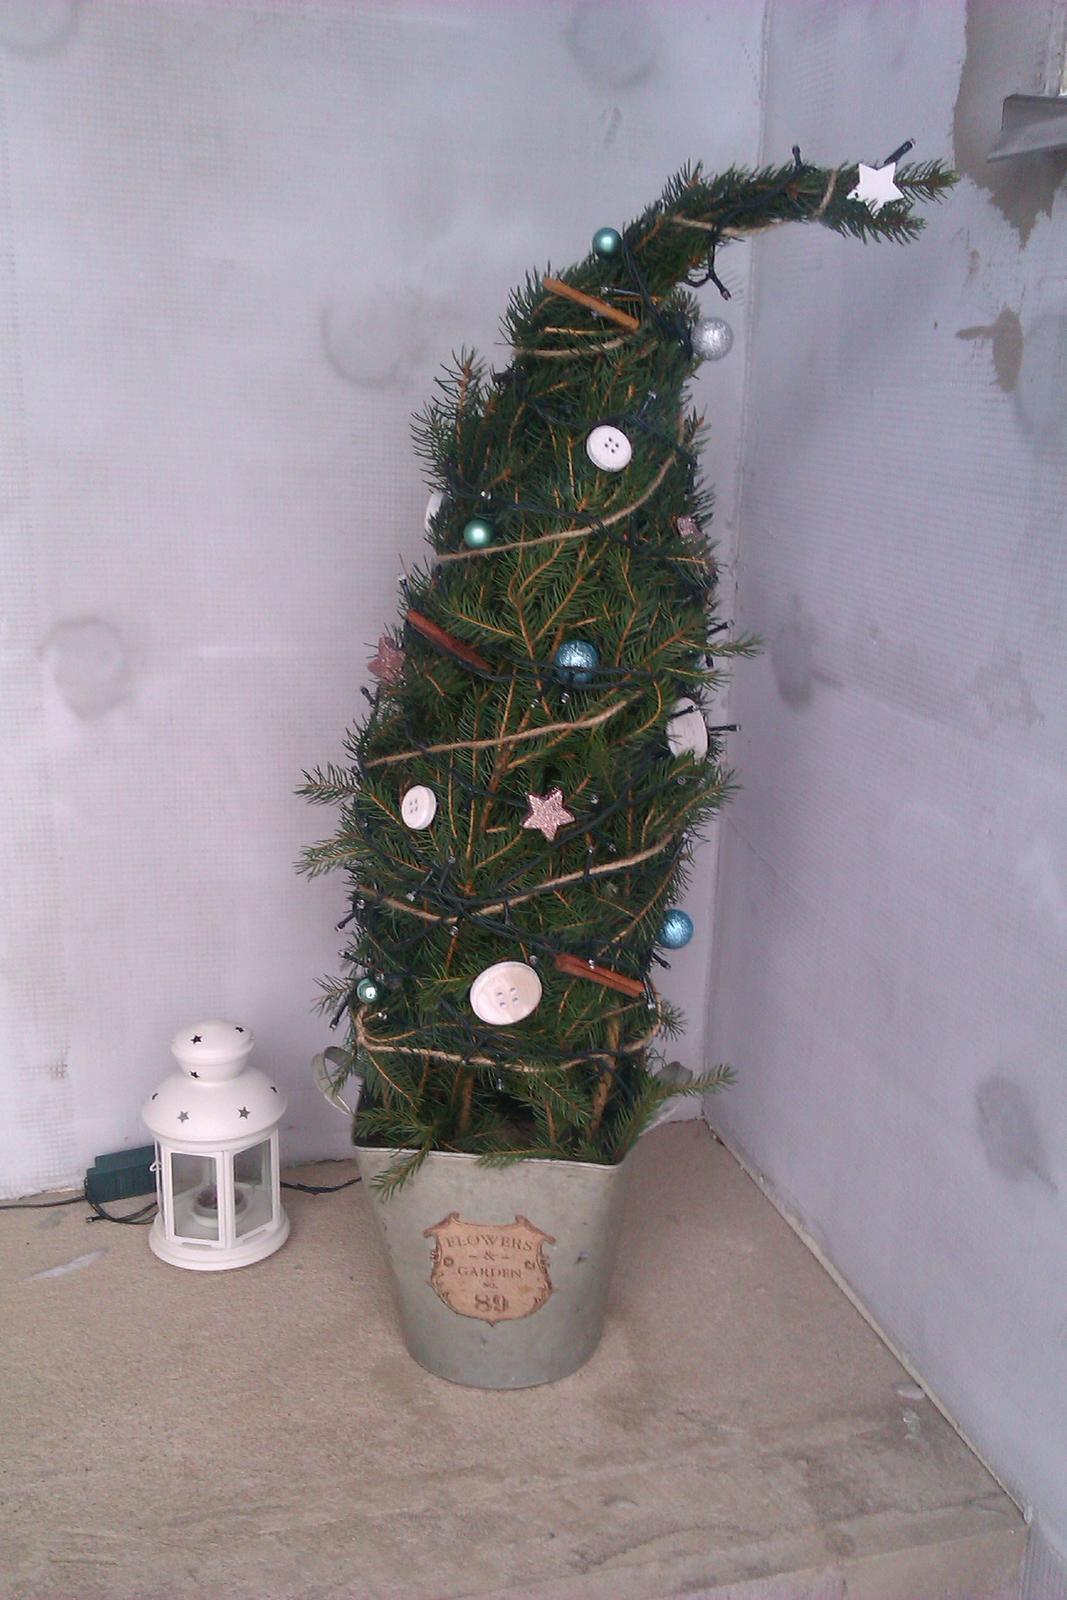 Vánoce 2014 u nás doma a moje výtvory... - i já jsem podlehla kouzlu zahnutých stromečků:-)